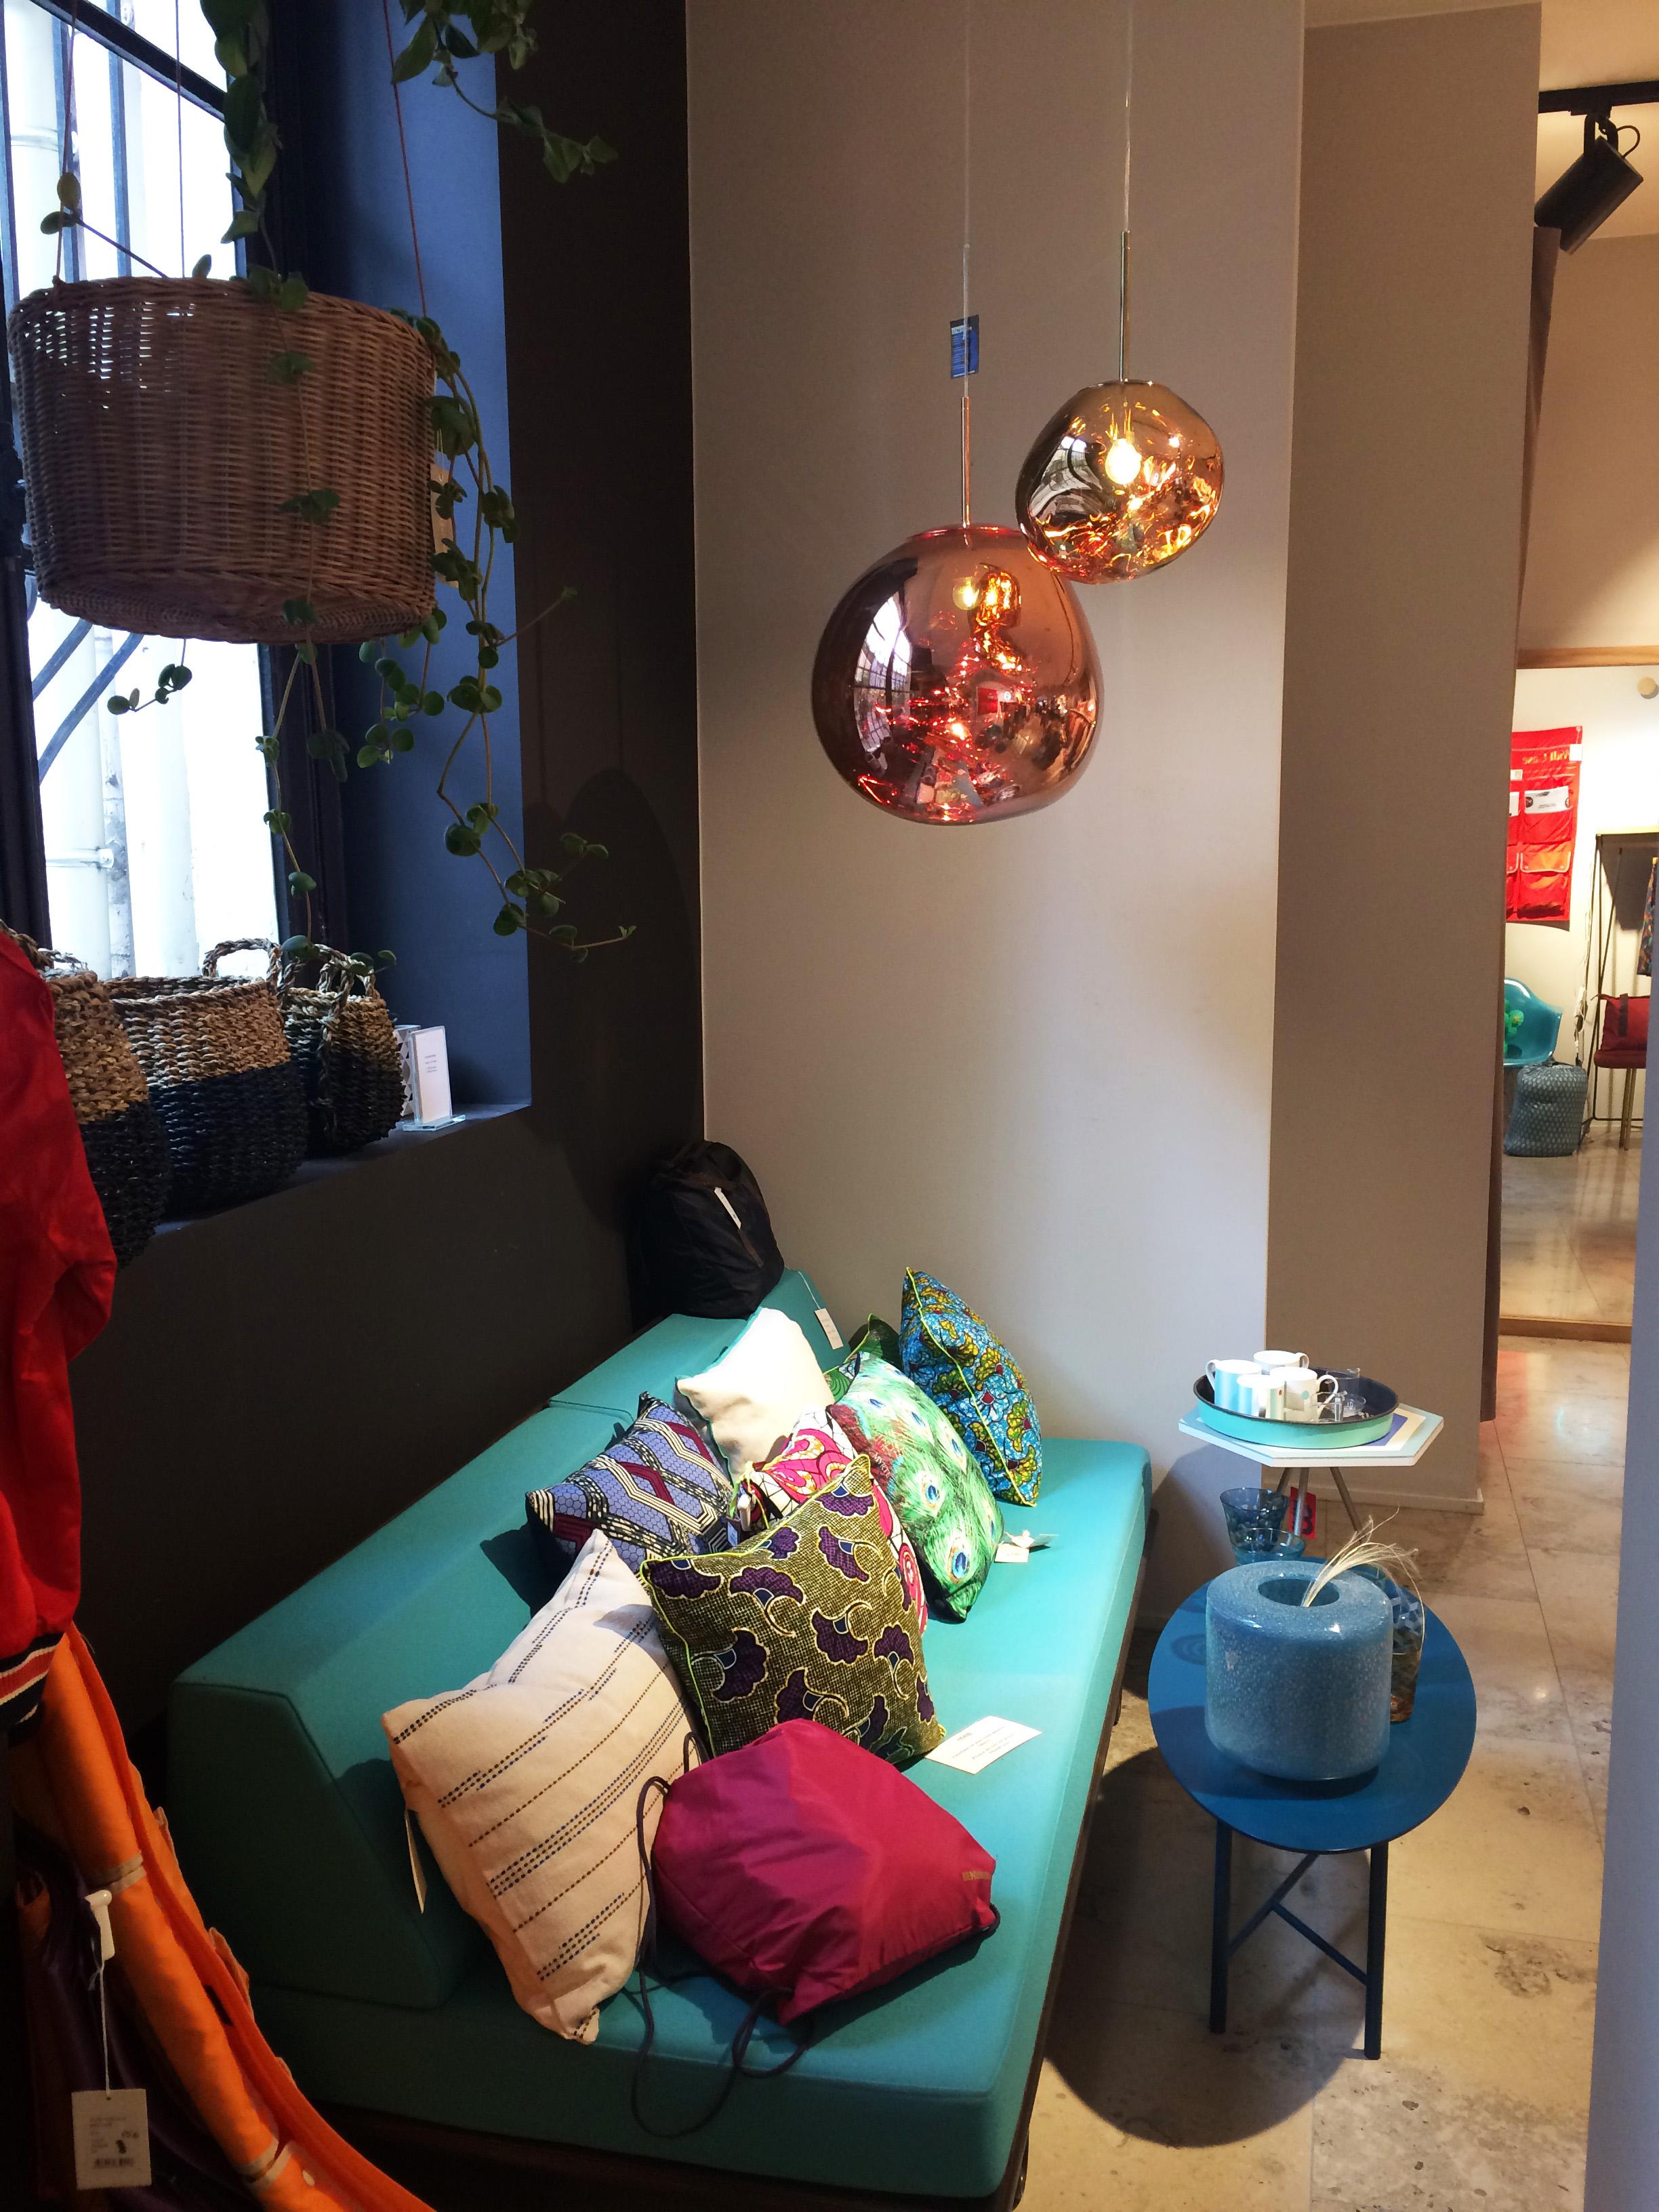 Bensimon Top Interior Stores In Paris Worth Visiting authentic interior